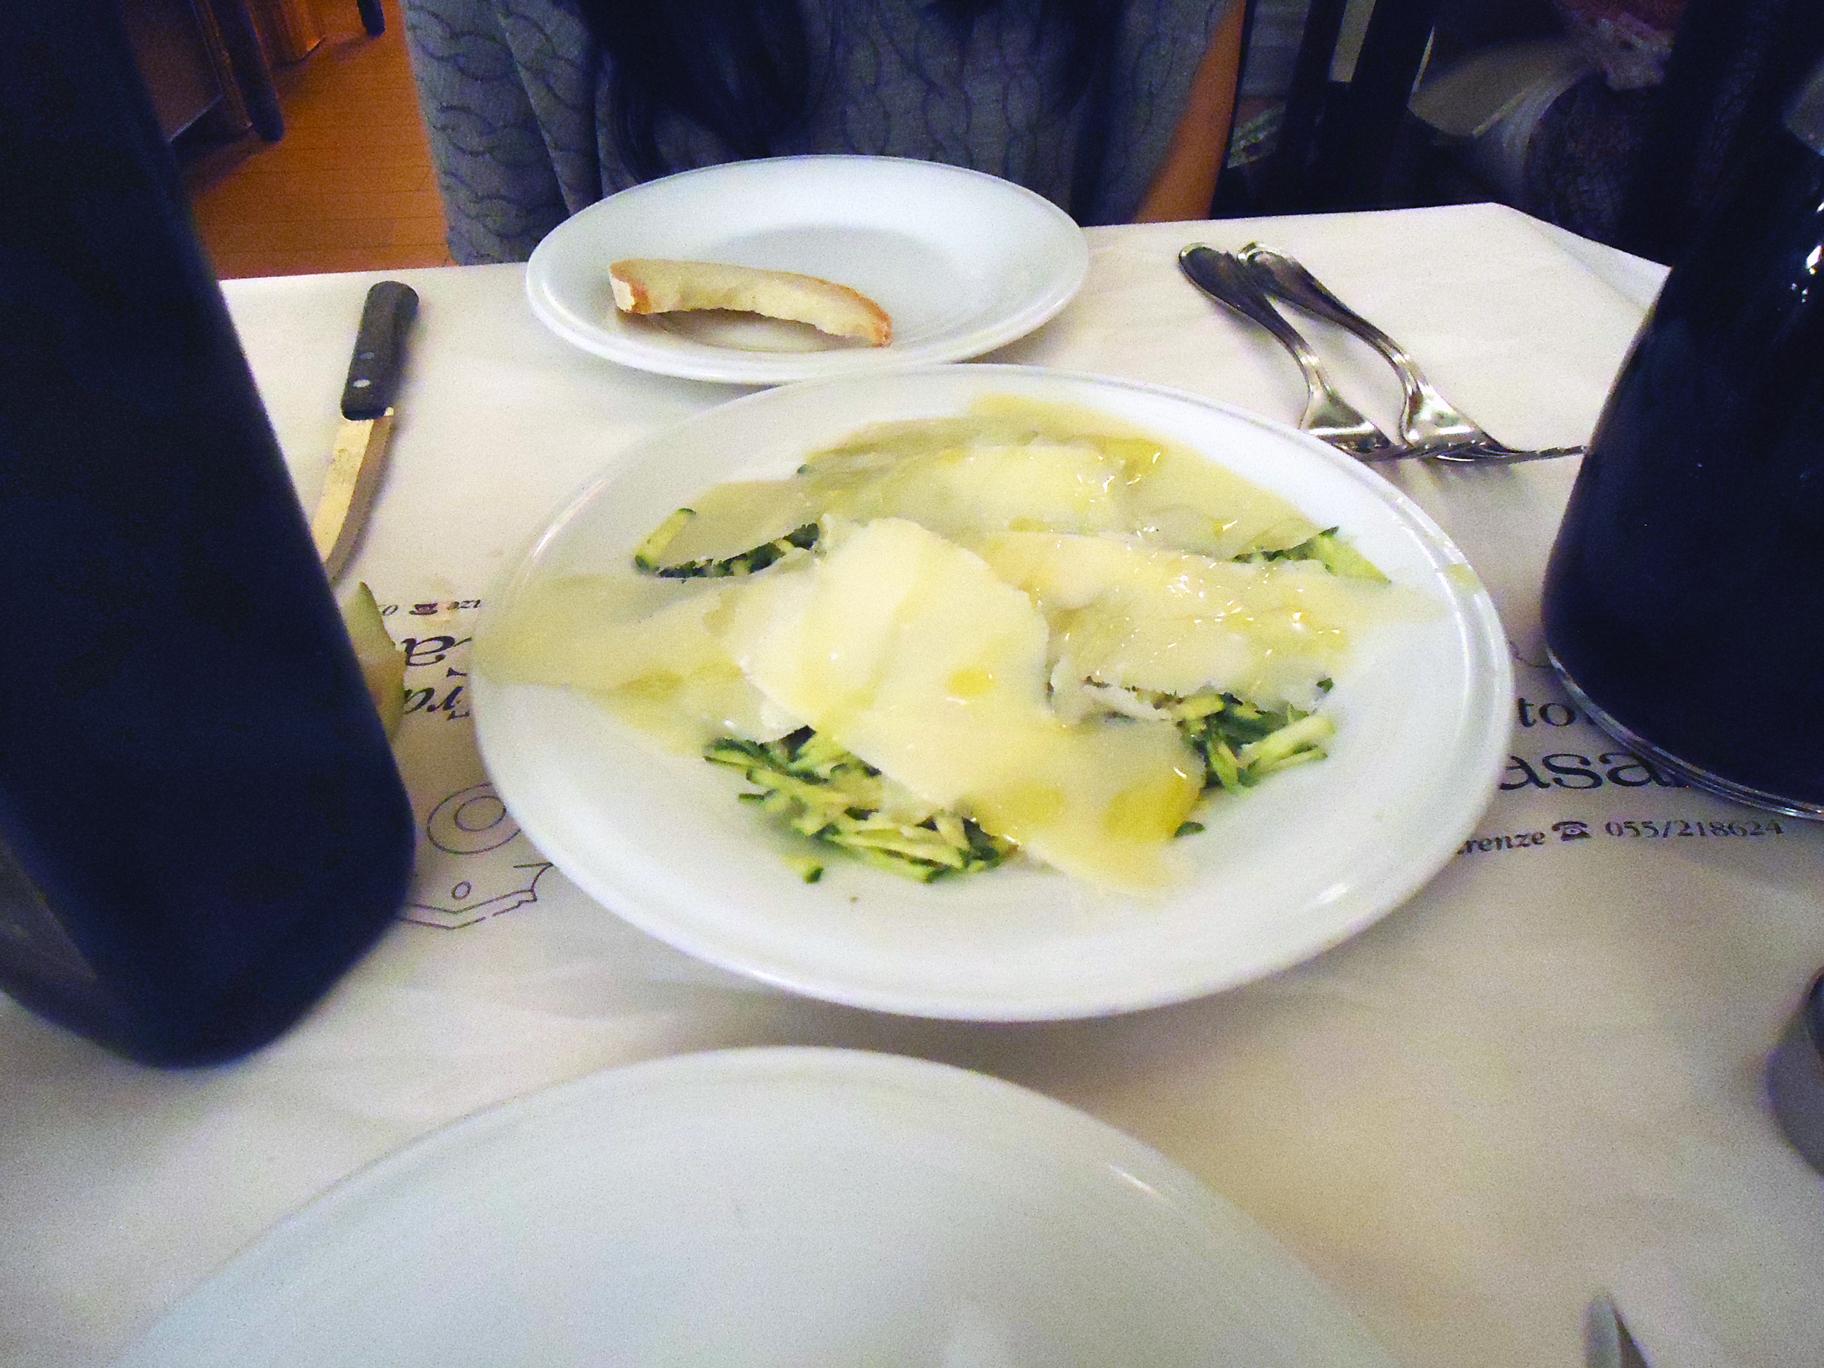 insalata-di-zucchine-e-grana.jpg